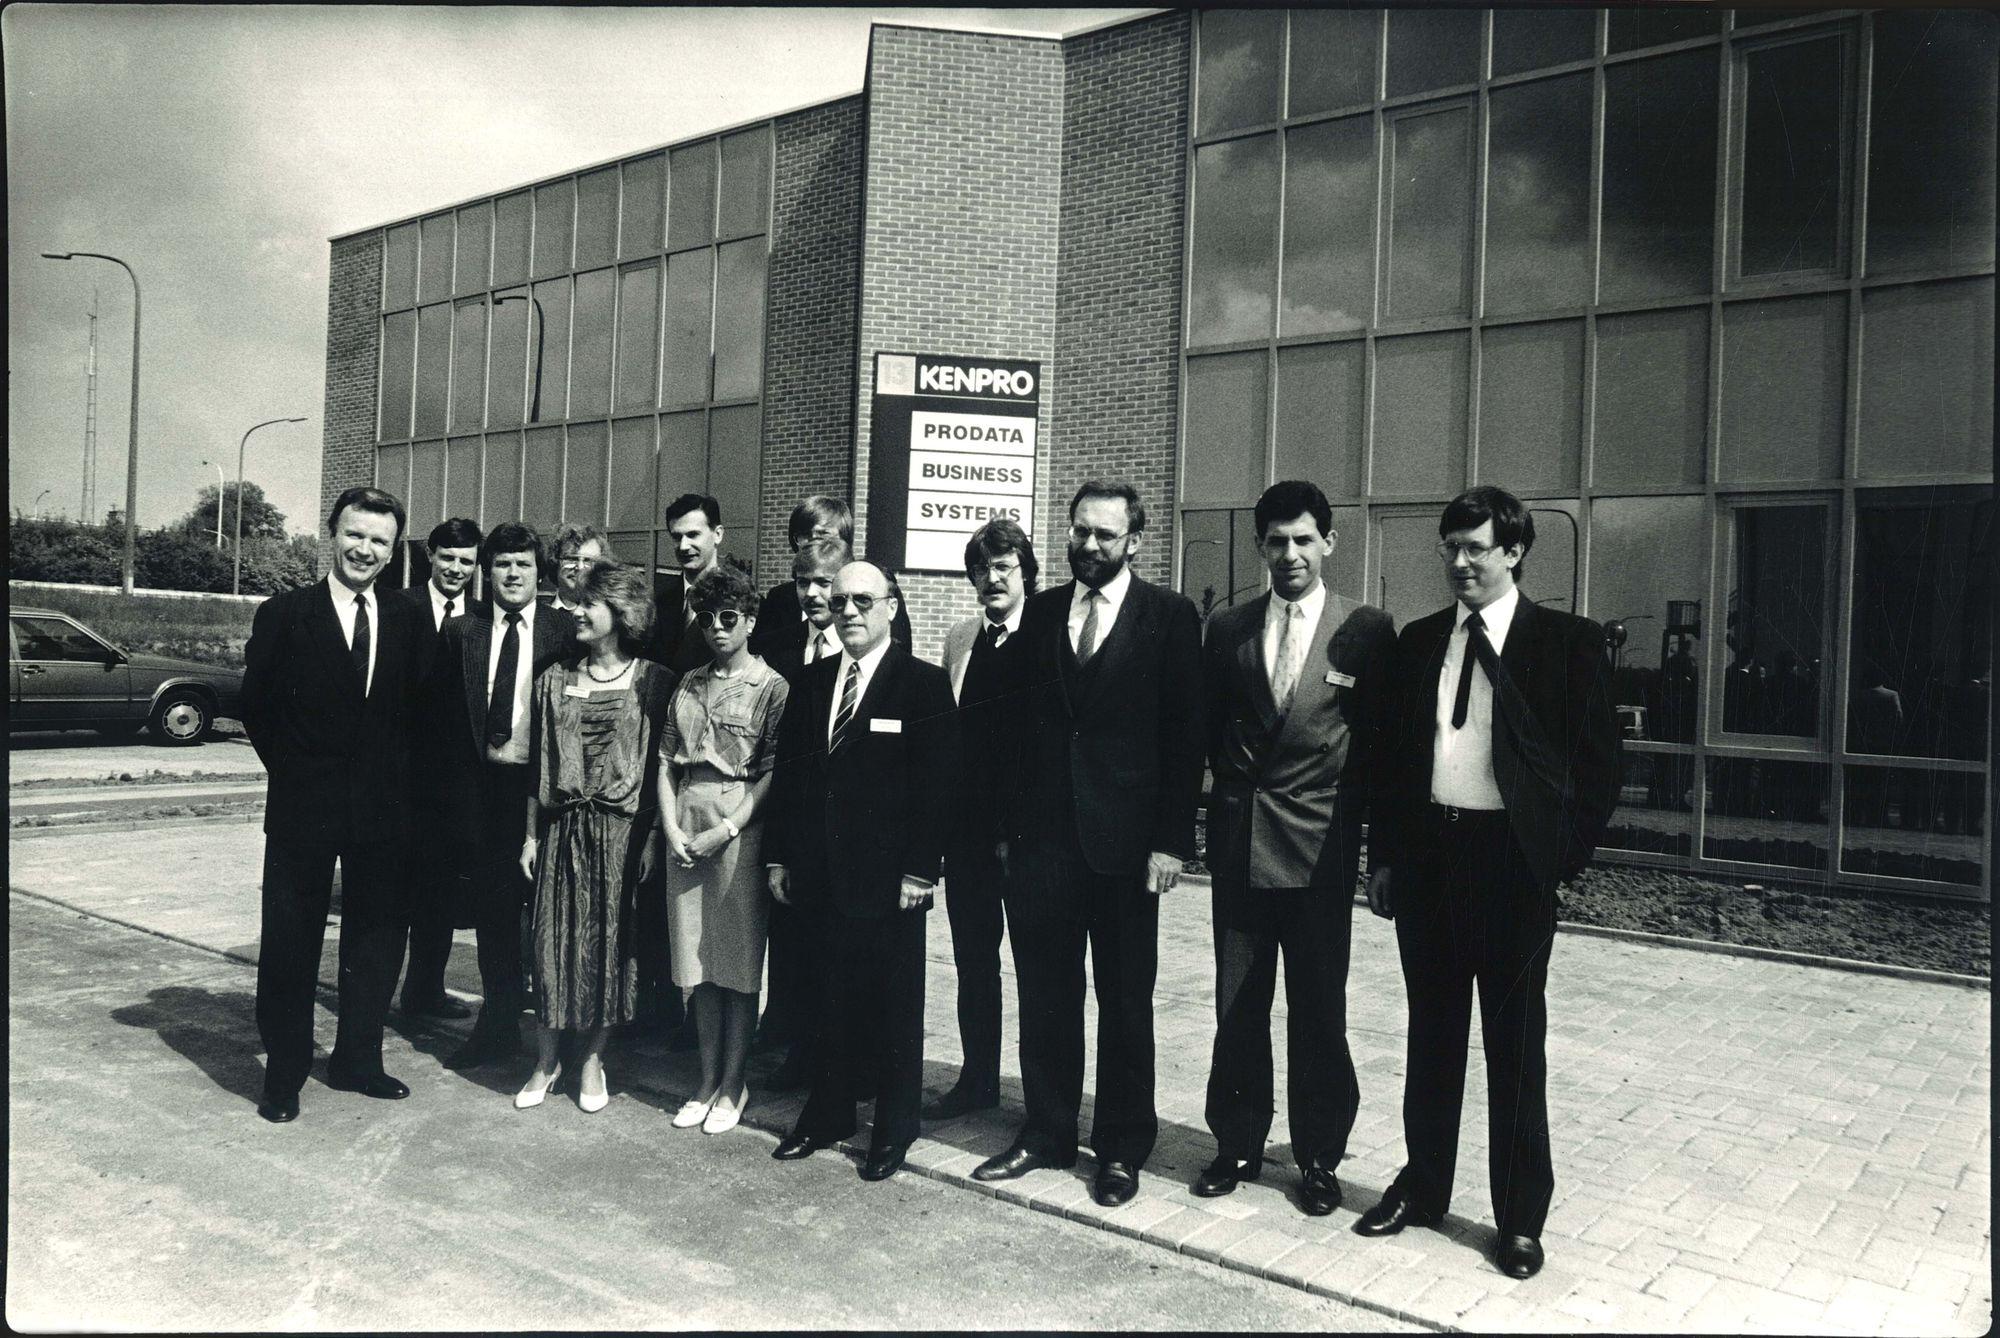 Kenpro verlaat Poperinge voor Kortrijk 1987